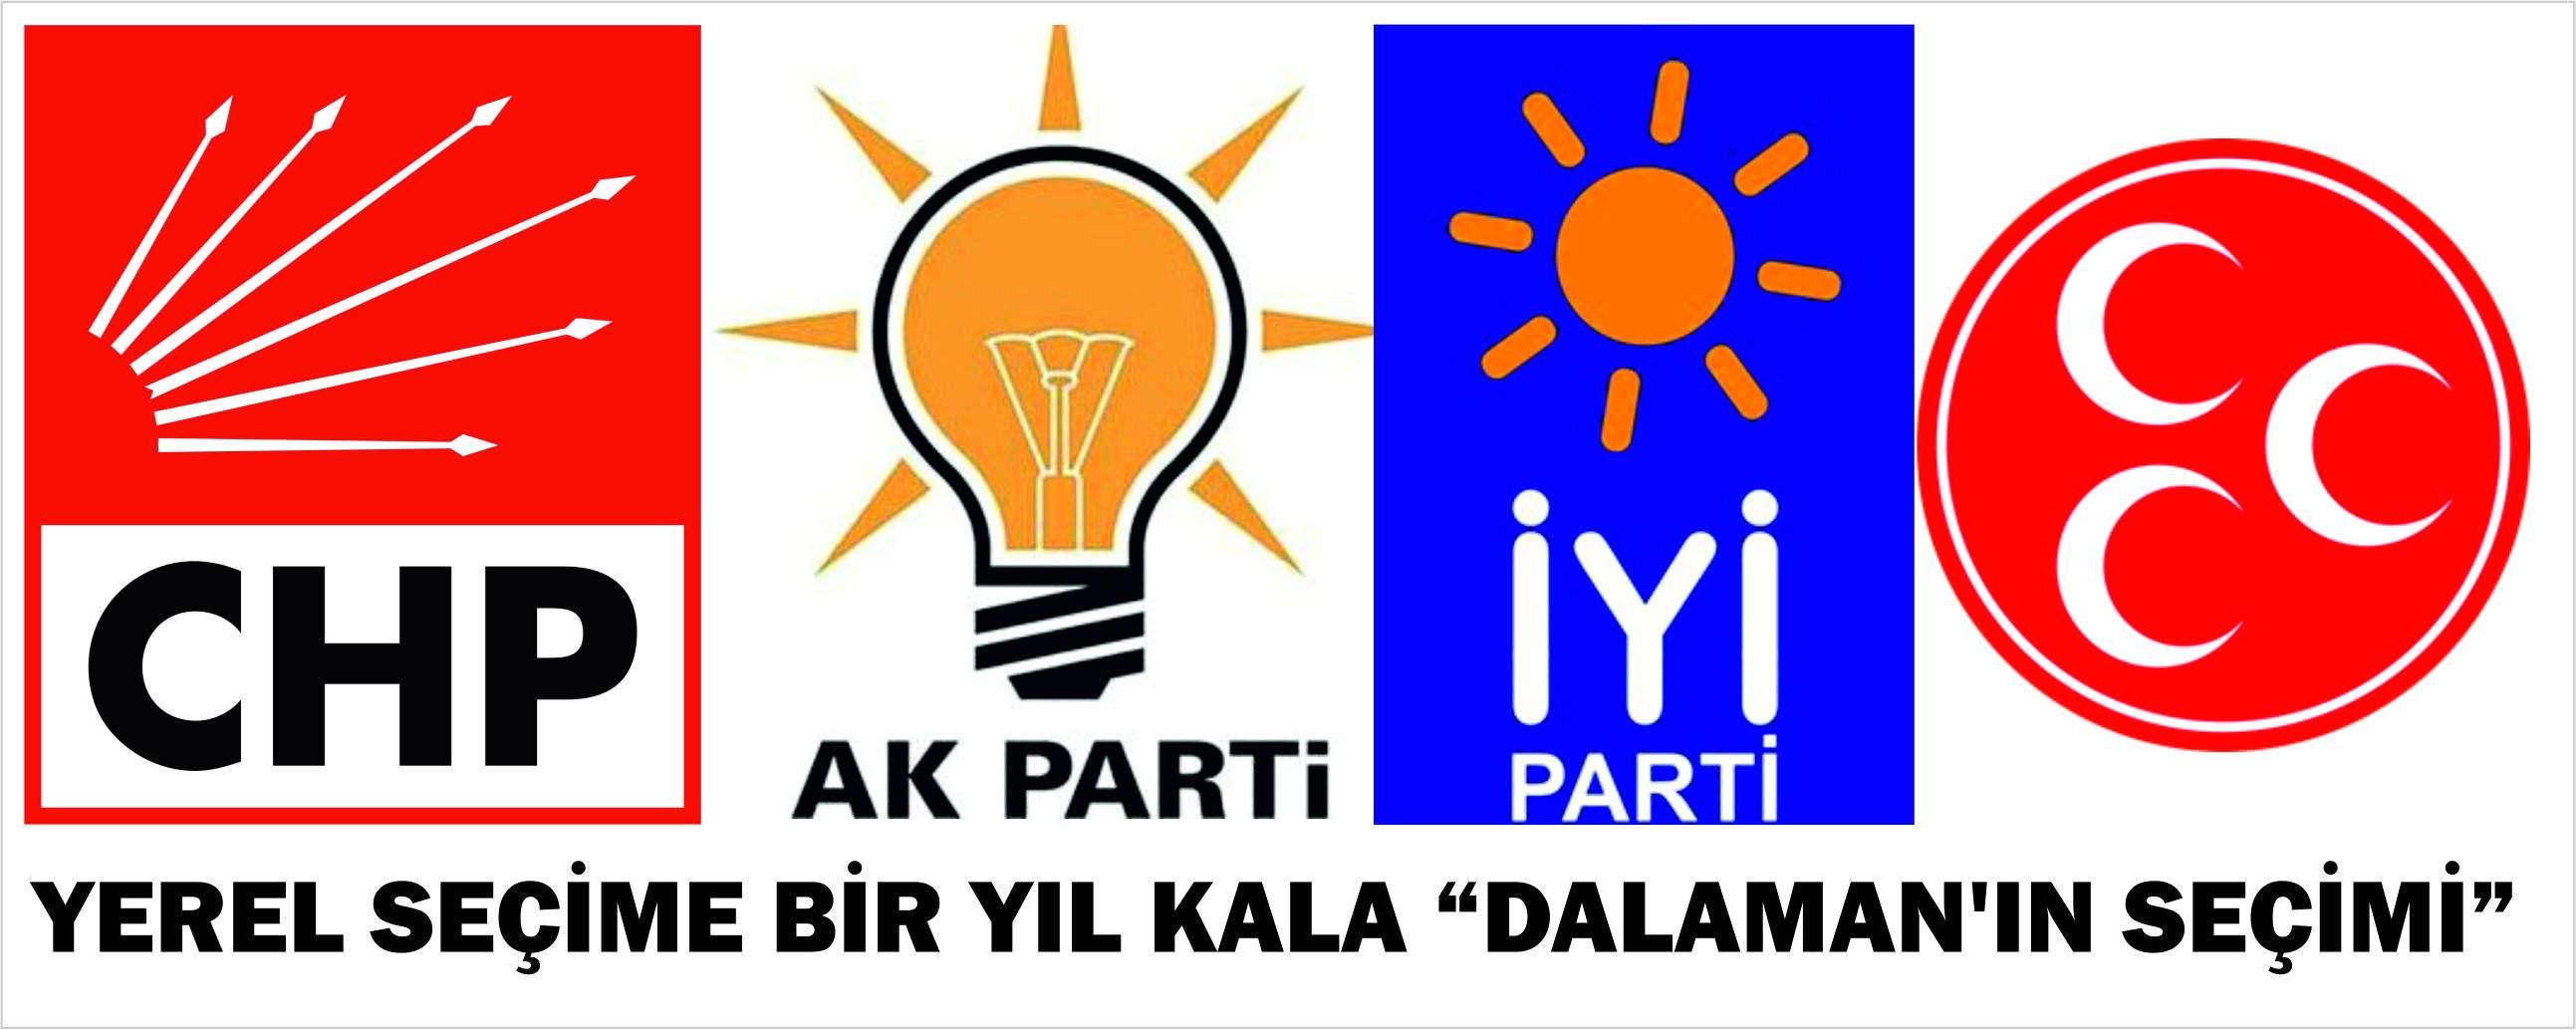 """YEREL SEÇİME BİR YIL KALA """"DALAMAN'IN SEÇİMİ"""""""